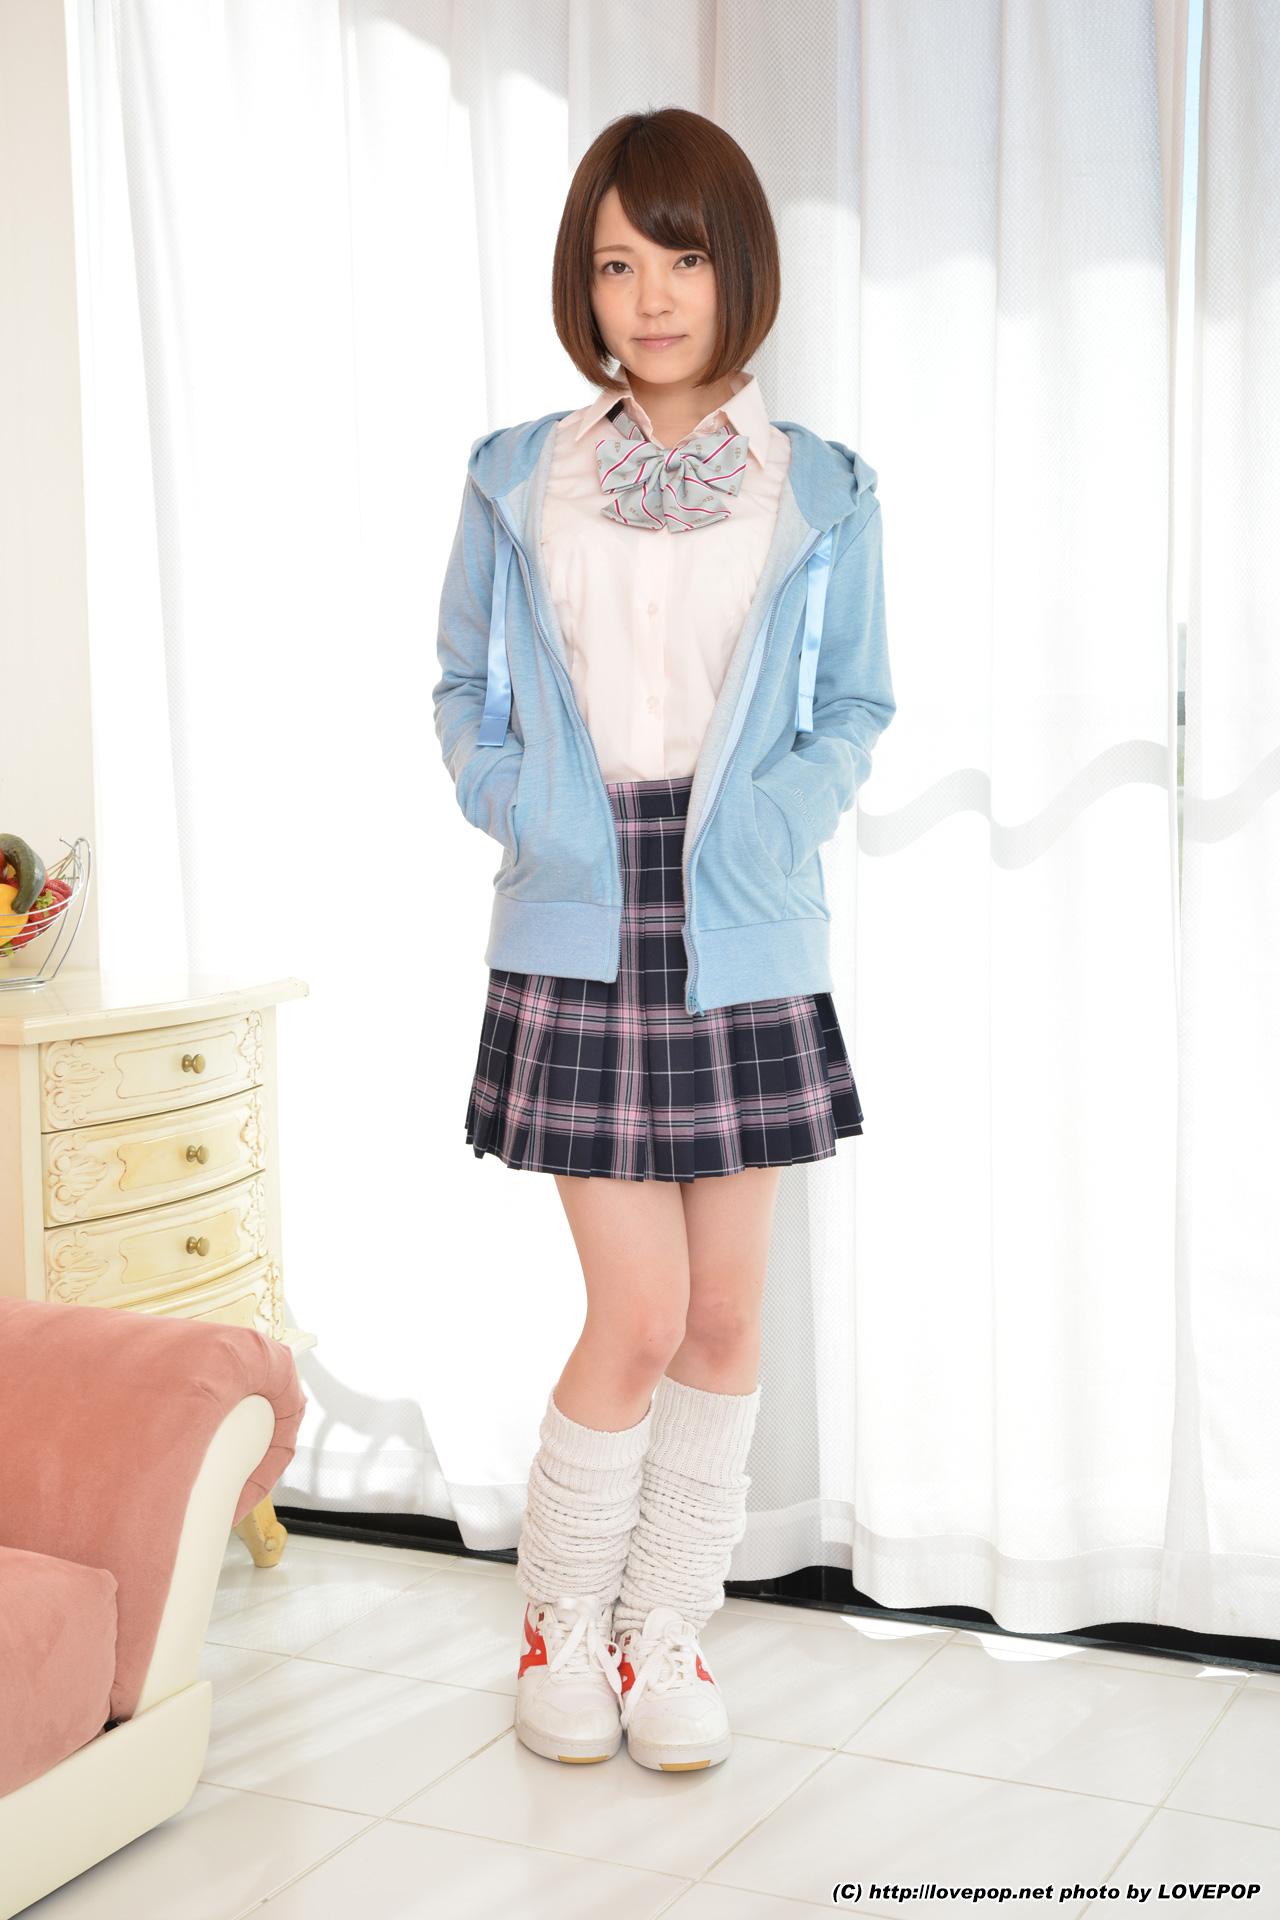 三次元 3次元 エロ画像 JK 女子校生 ルーズソックス べっぴん娘通信 13